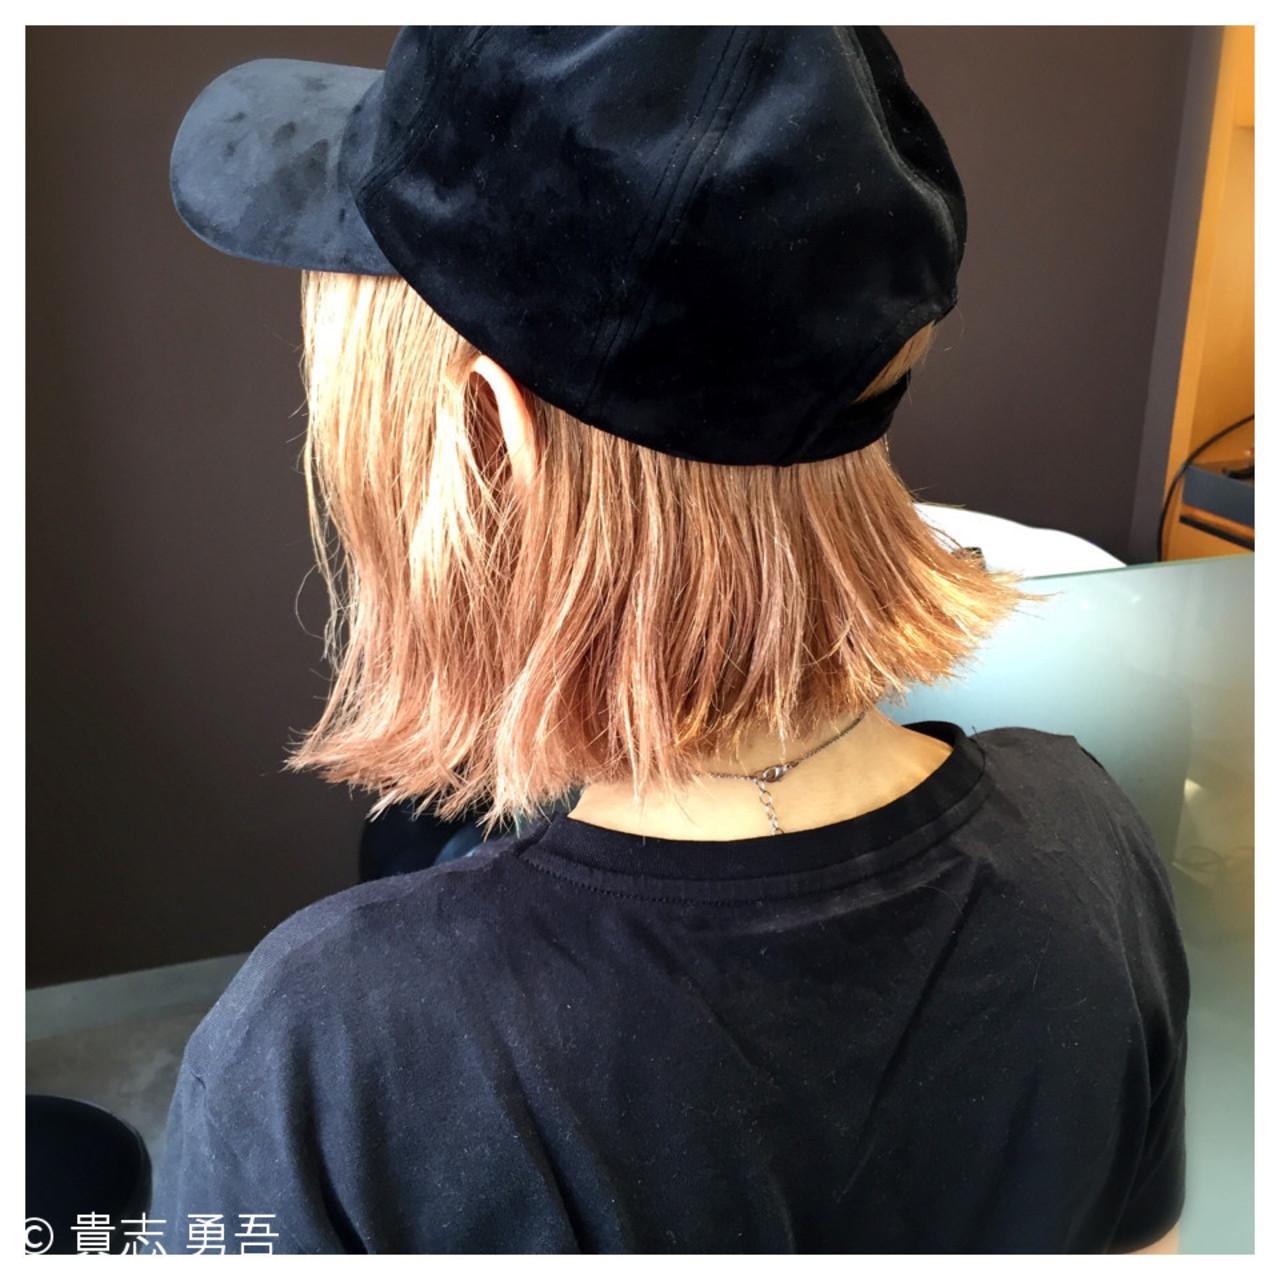 かっこいい ストリート キャップ 切りっぱなし ヘアスタイルや髪型の写真・画像